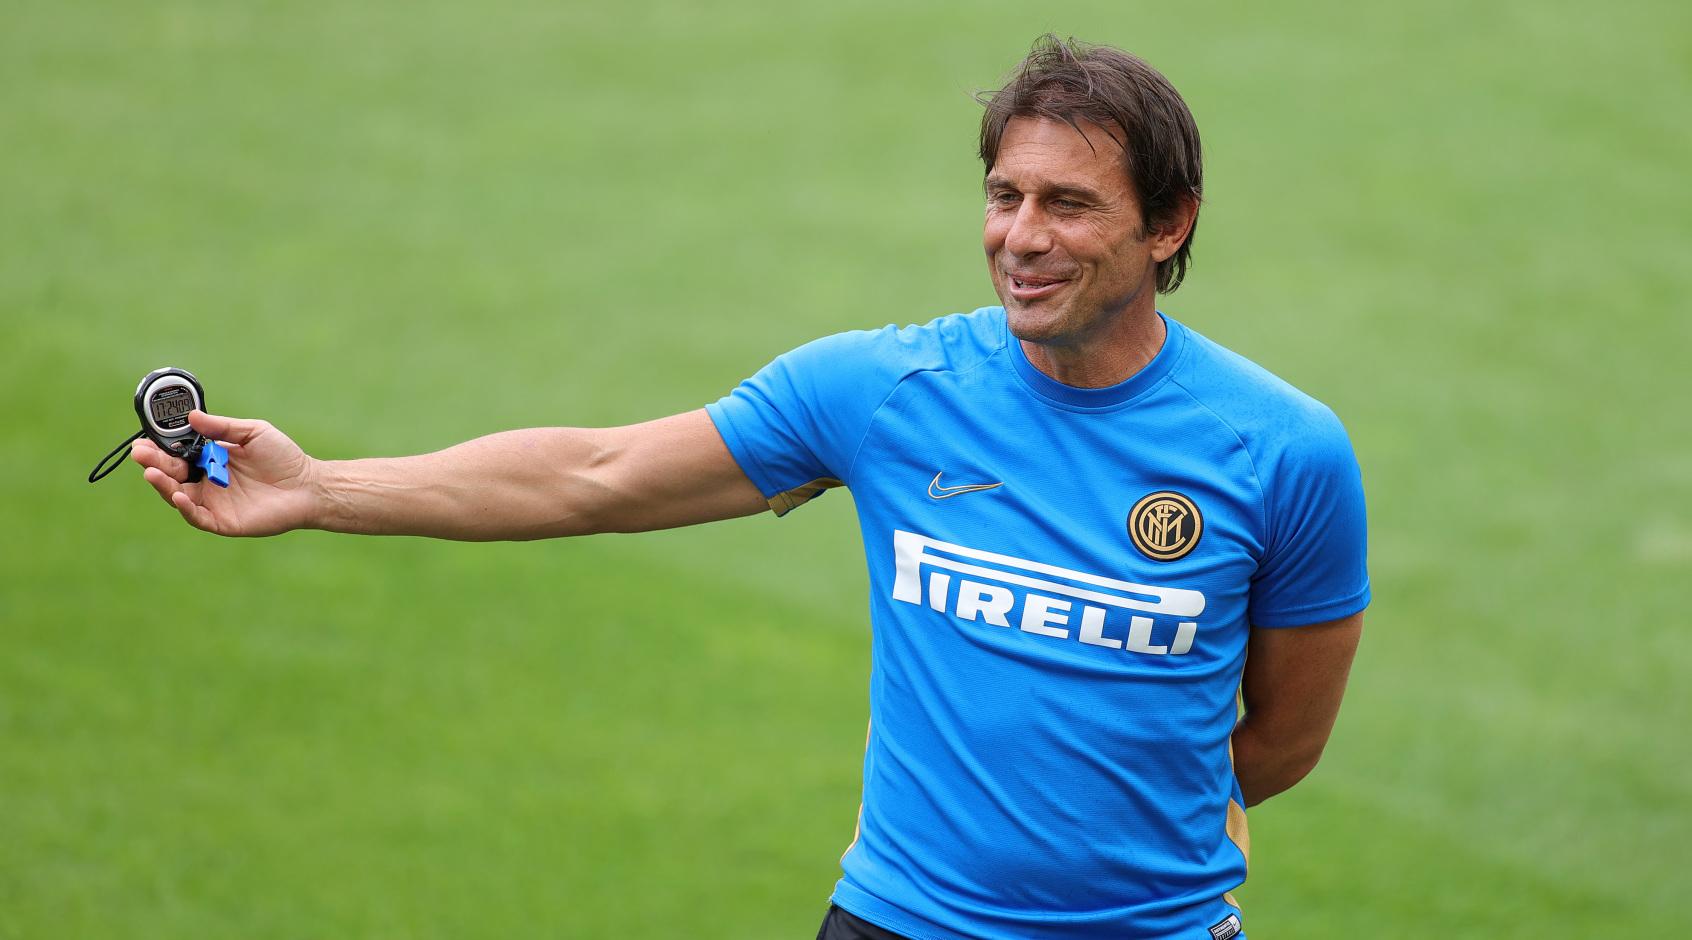 """Антонио Конте: """"Чтобы выйти из группы Лиги чемпионов, """"Интеру"""" нужно набрать по меньшей мере семь очков"""""""